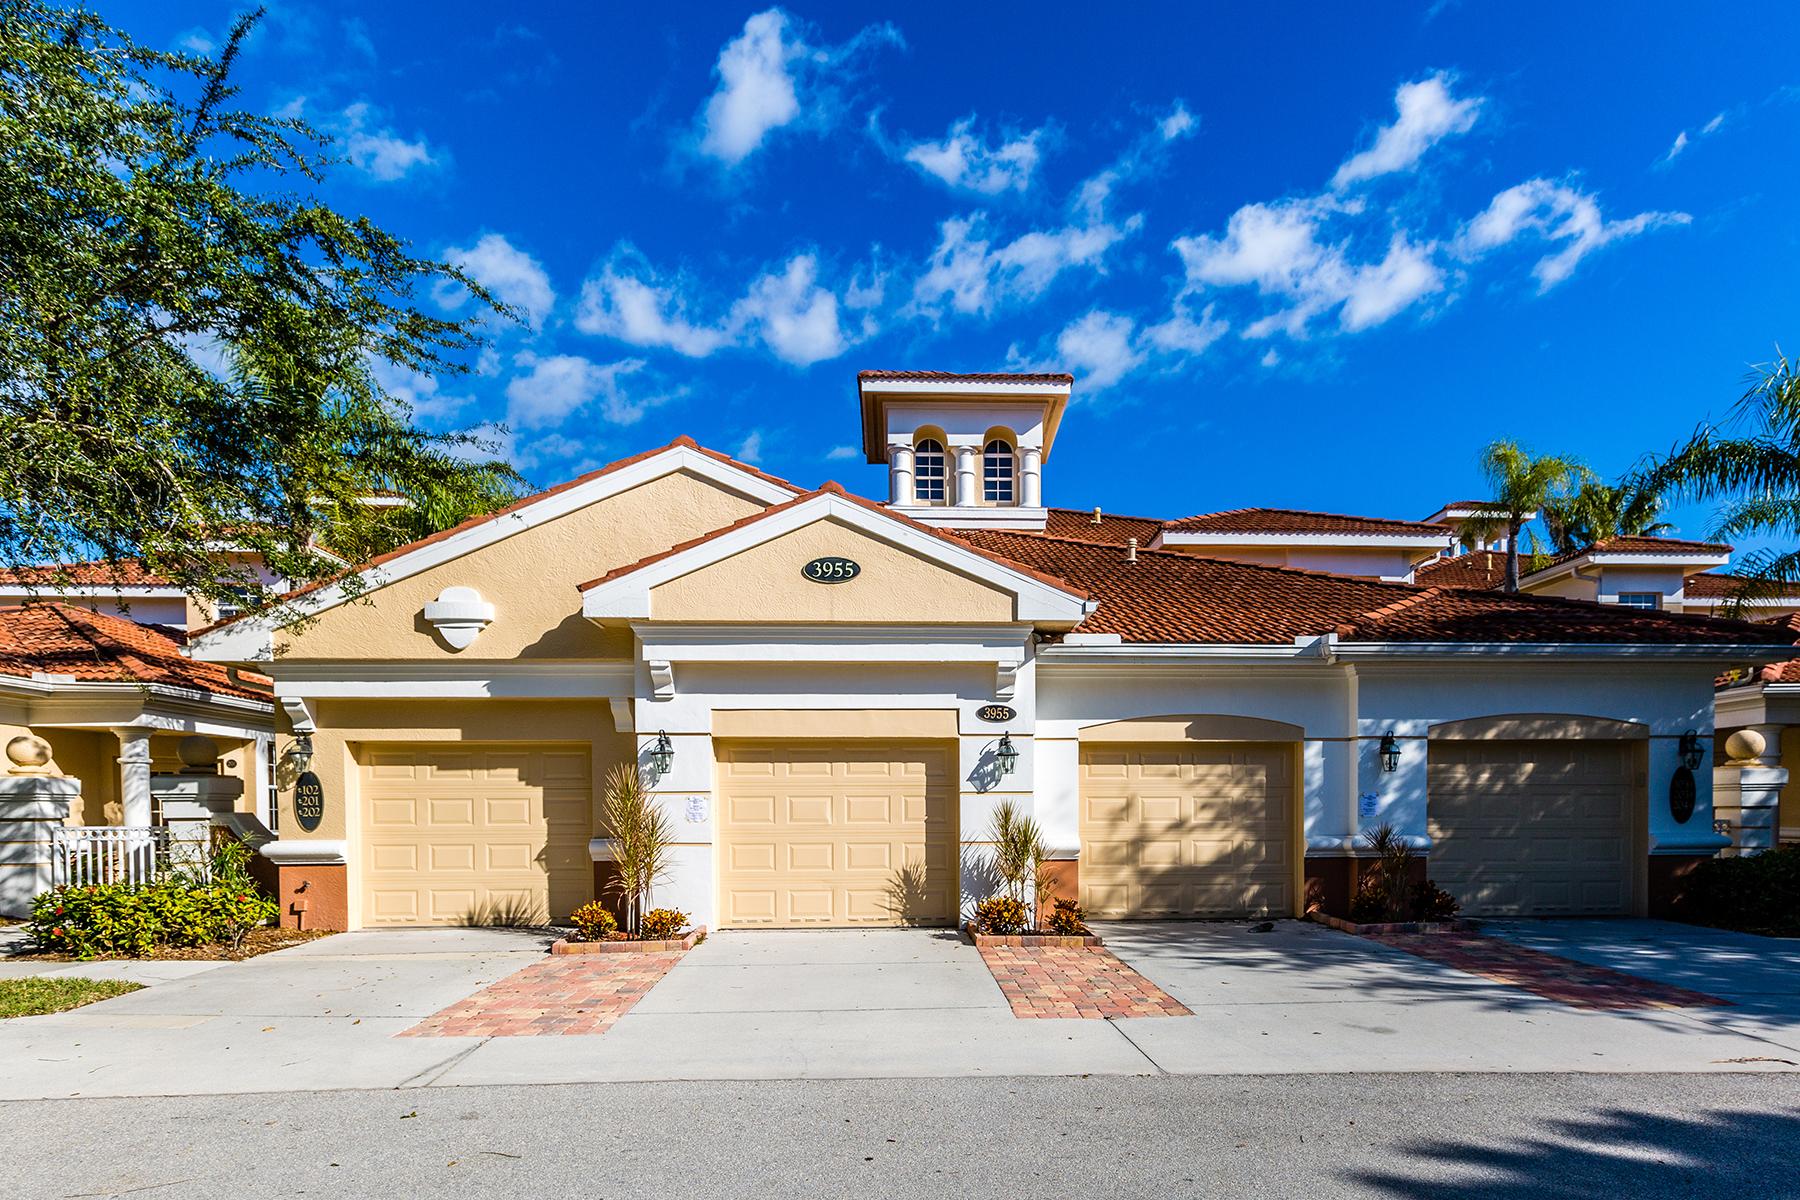 Appartement en copropriété pour l Vente à FIDDLER'S CREEK - DEER CROSSING 3965 Deer Crossing Ct 104 Naples, Florida, 34114 États-Unis